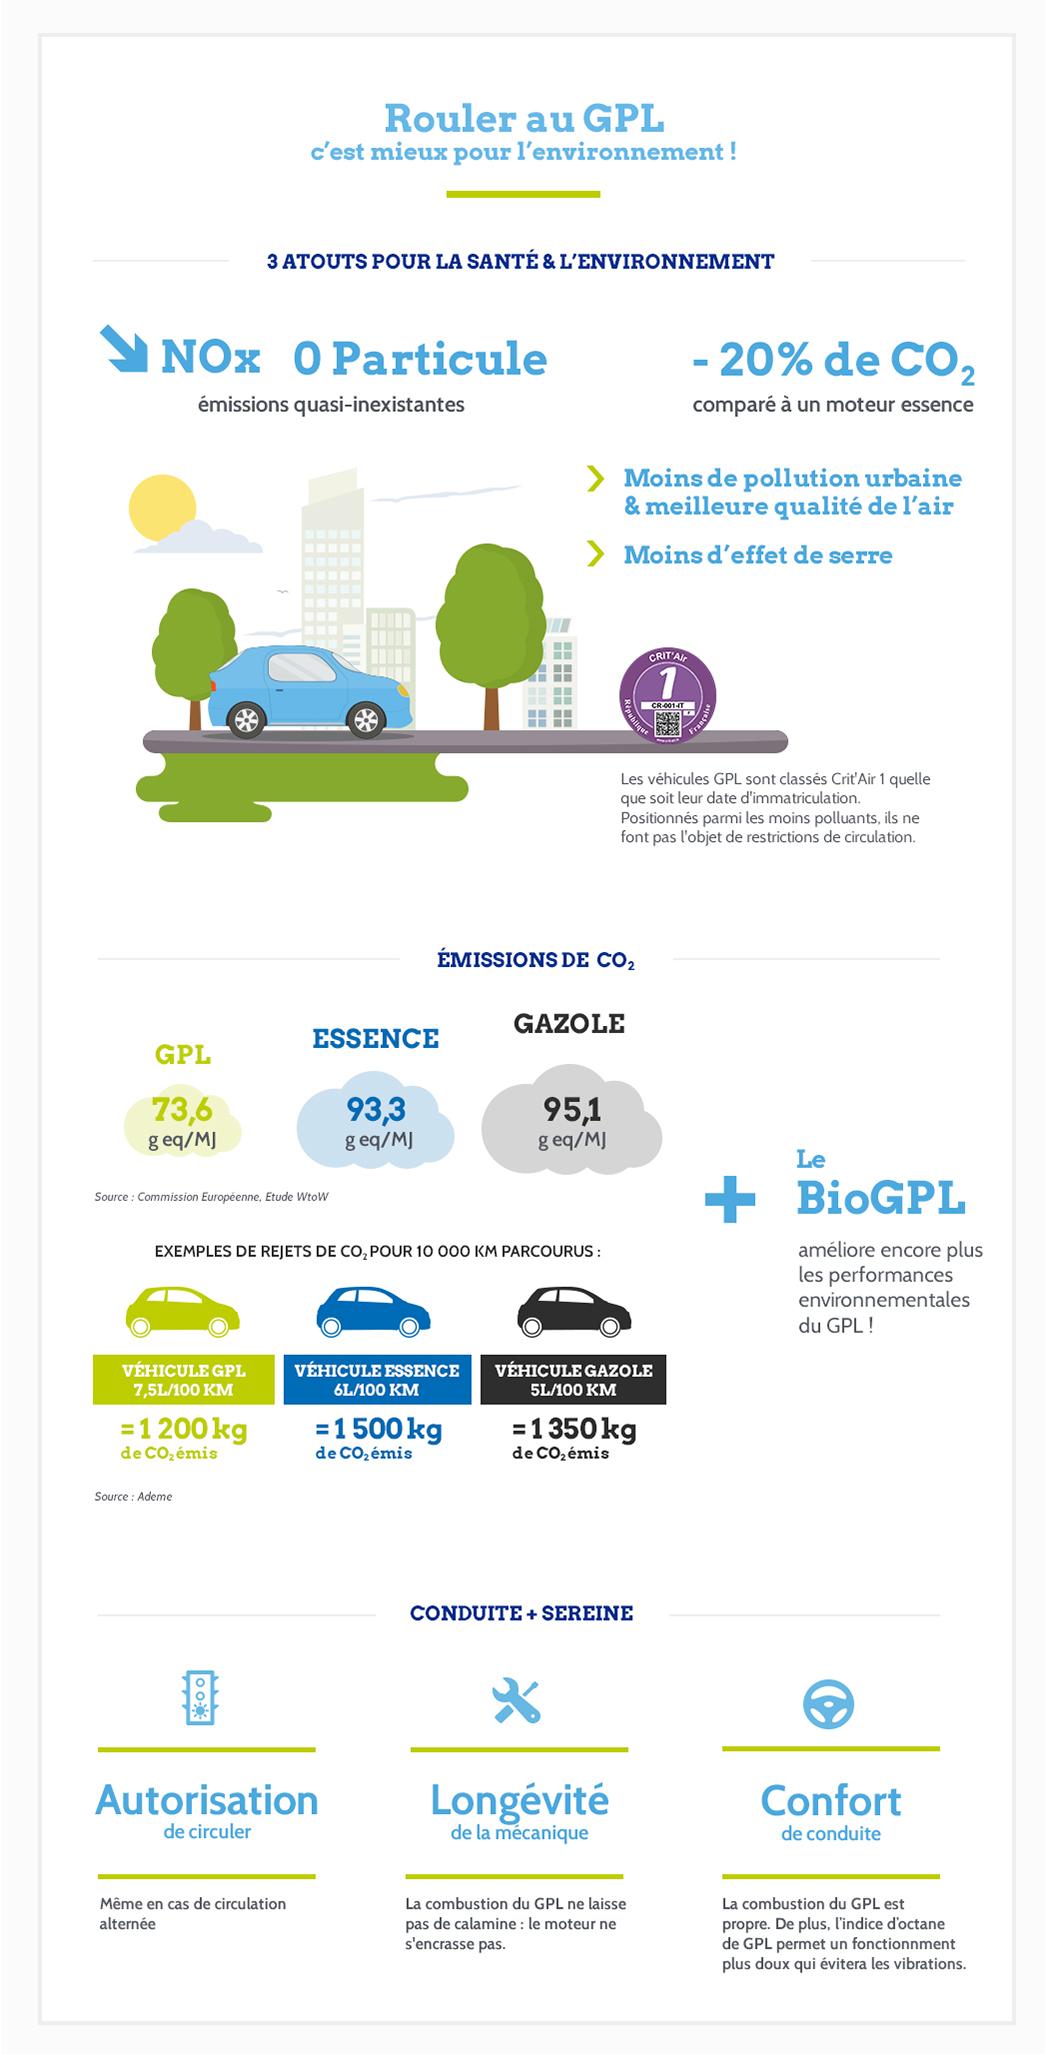 Le GPL, CRIT'AIR 1 plus respectueux de l'environnement et de la santé